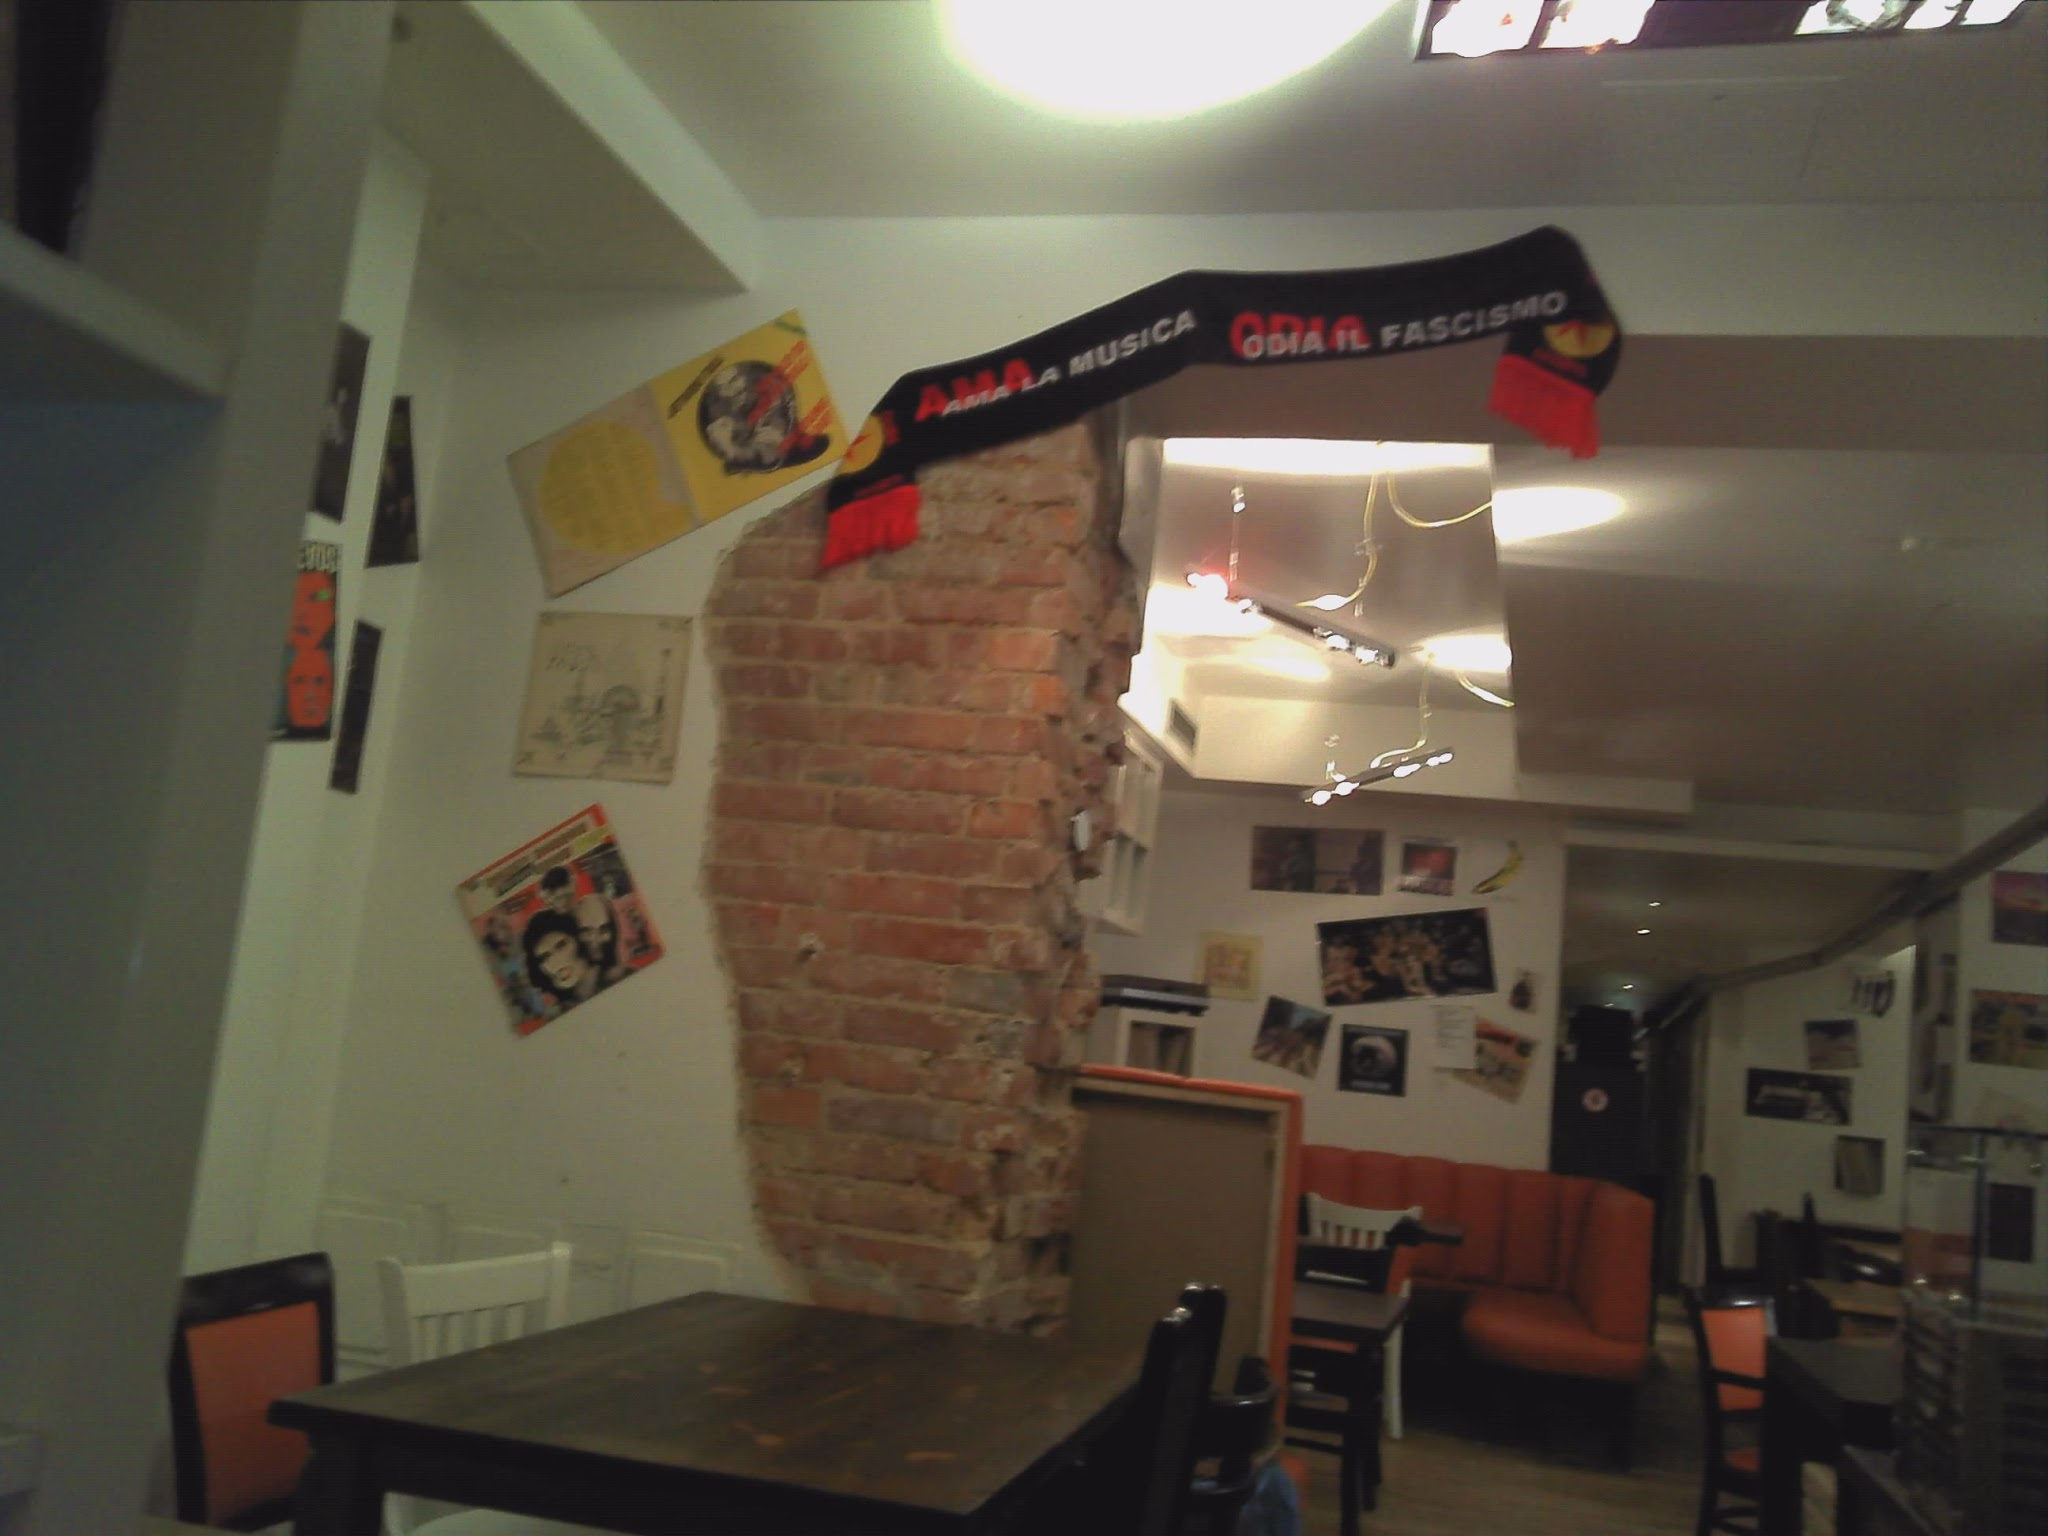 """Photo: ...und noch später, zB im """"ilGiradischi""""in der Oderberger. Da gab es - was für ein Zufall - wiederum Textilien an der Wand, auf denen eine gute Aufforderung steht:""""ama la musica, odia il fascismo"""""""